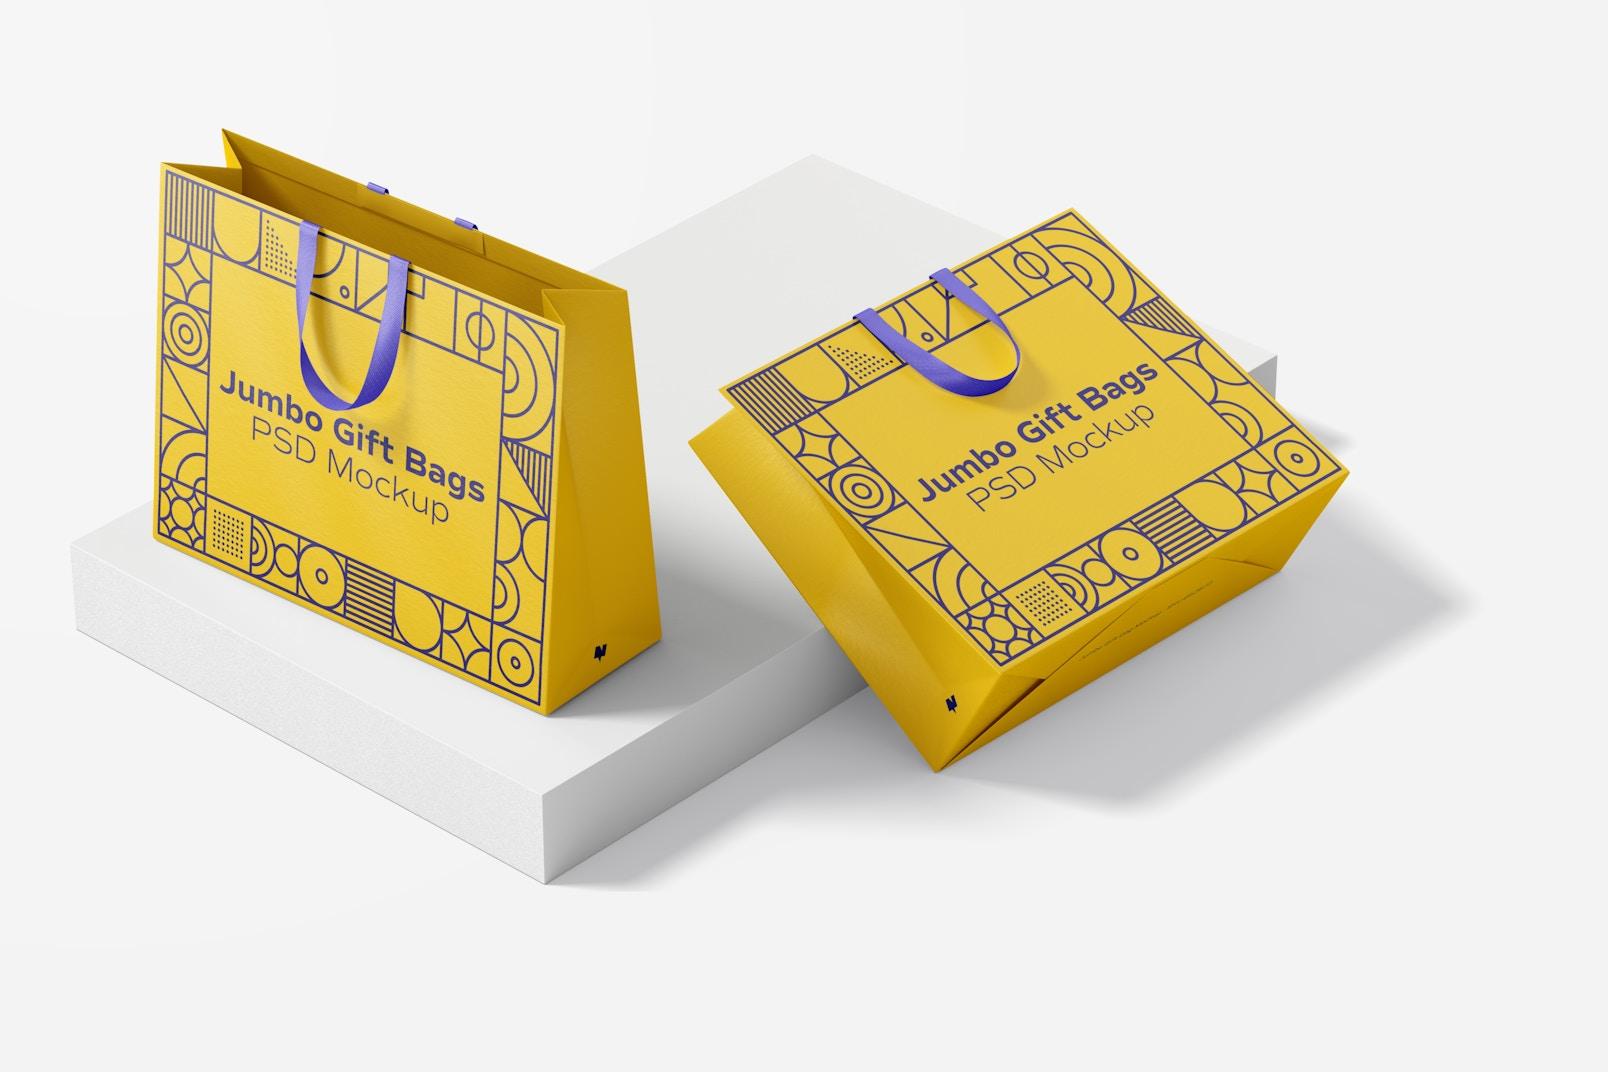 Jumbo Gift Bags with Ribbon Handle Mockup